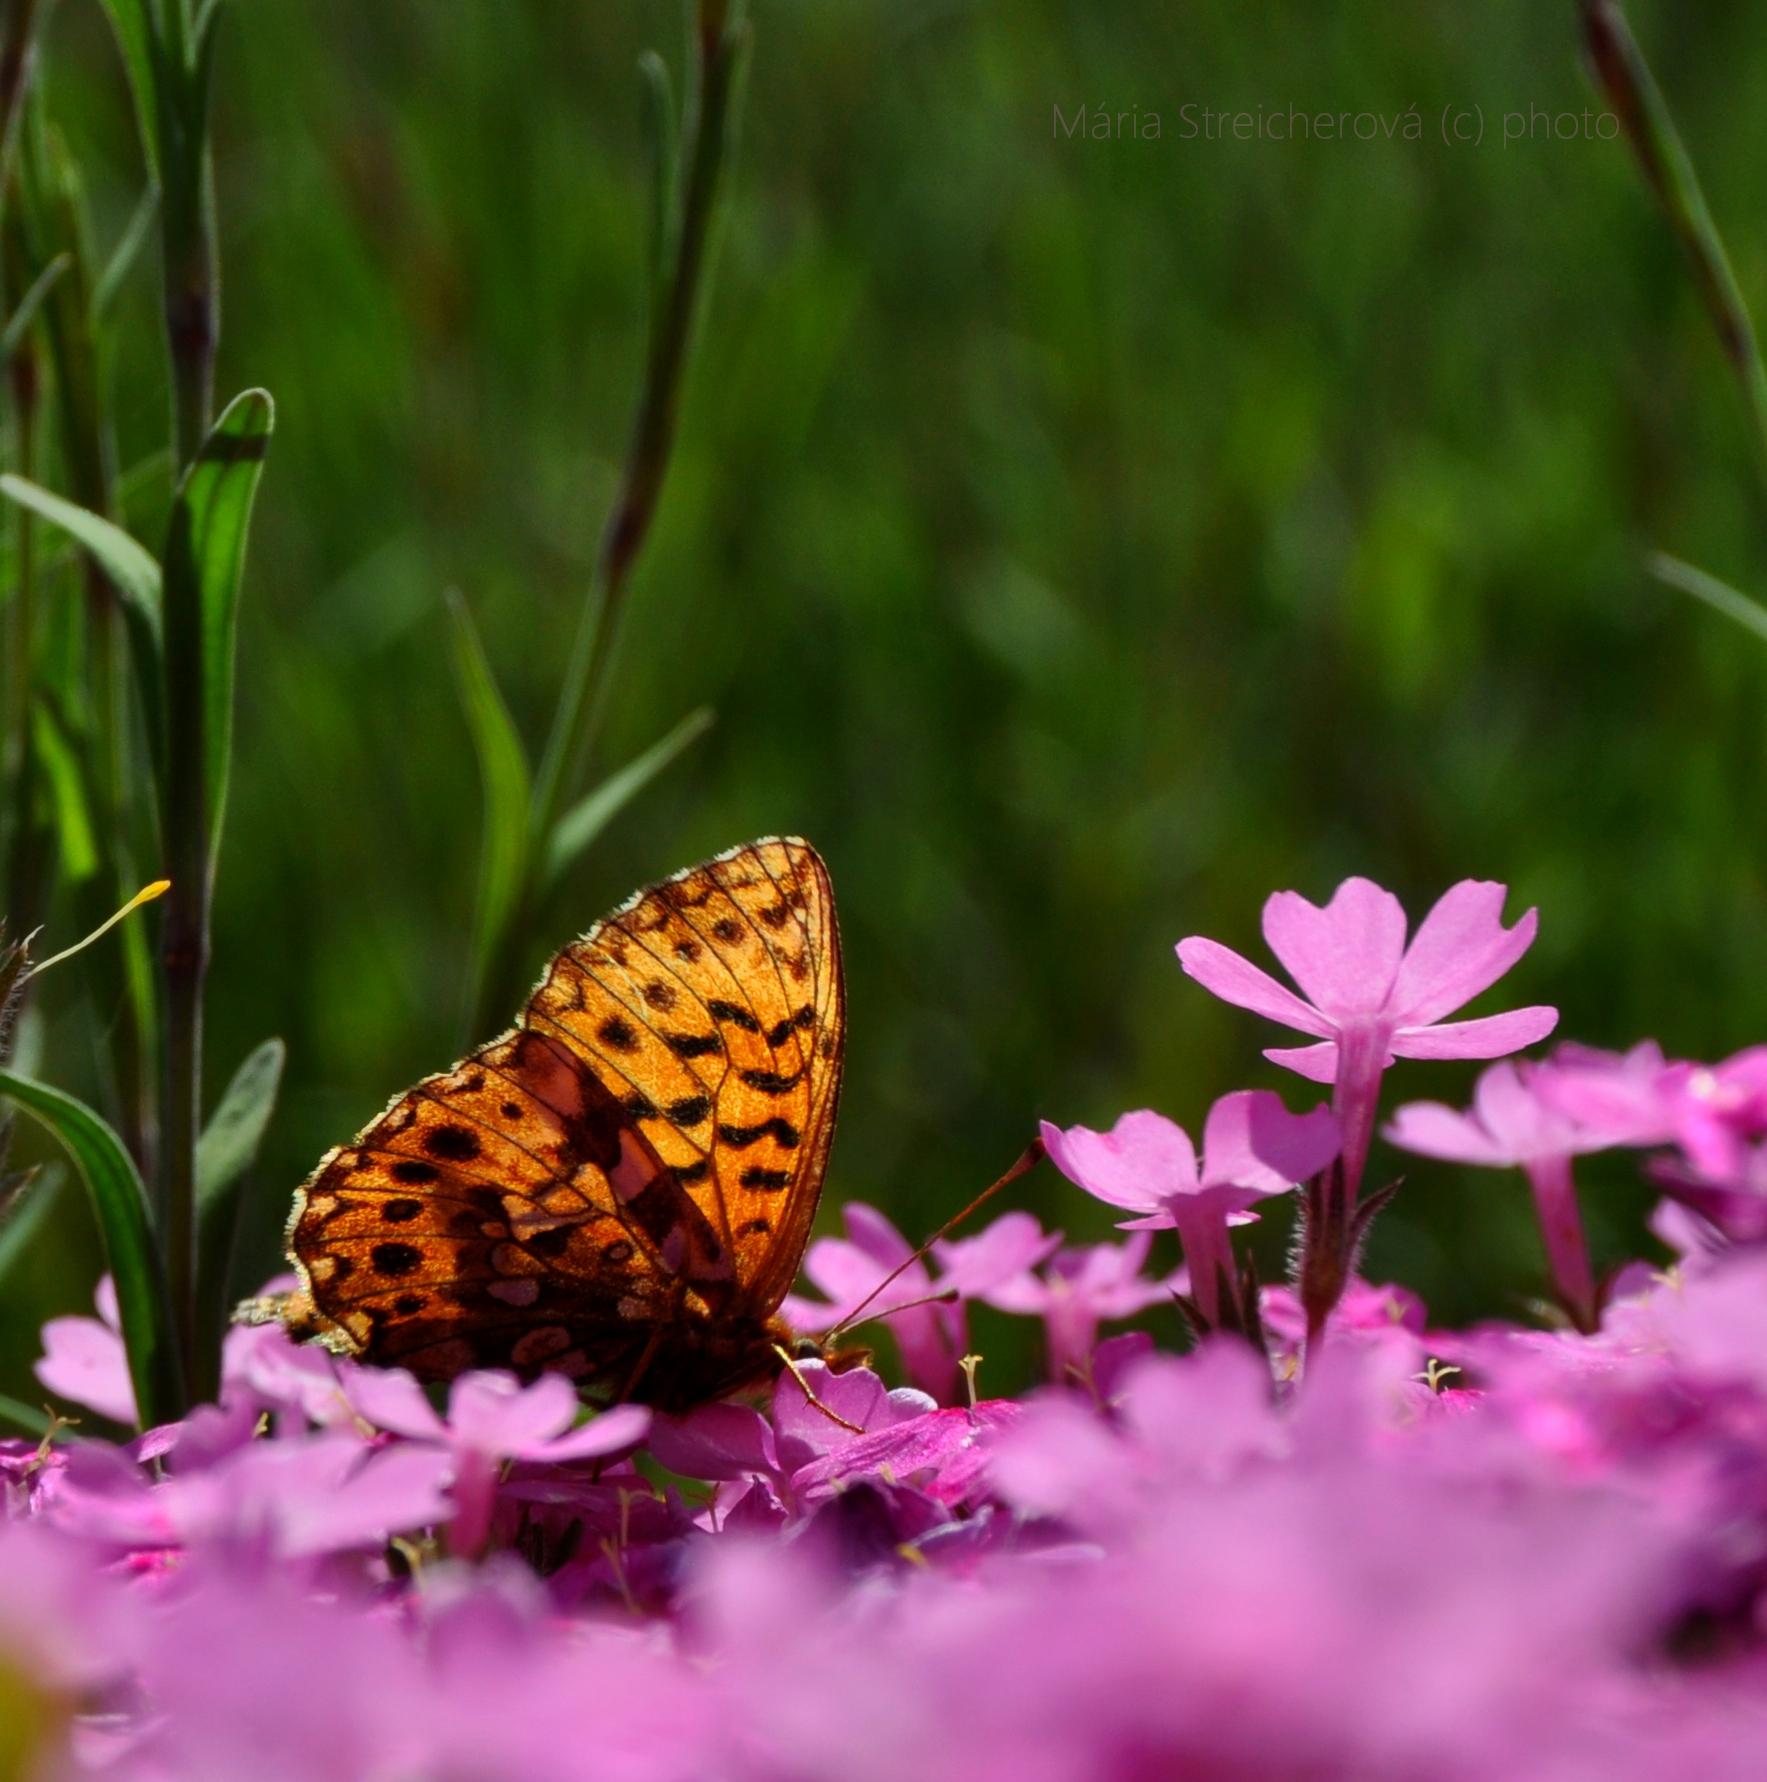 Oranžový motýľ na ružových kvetoch floxu.